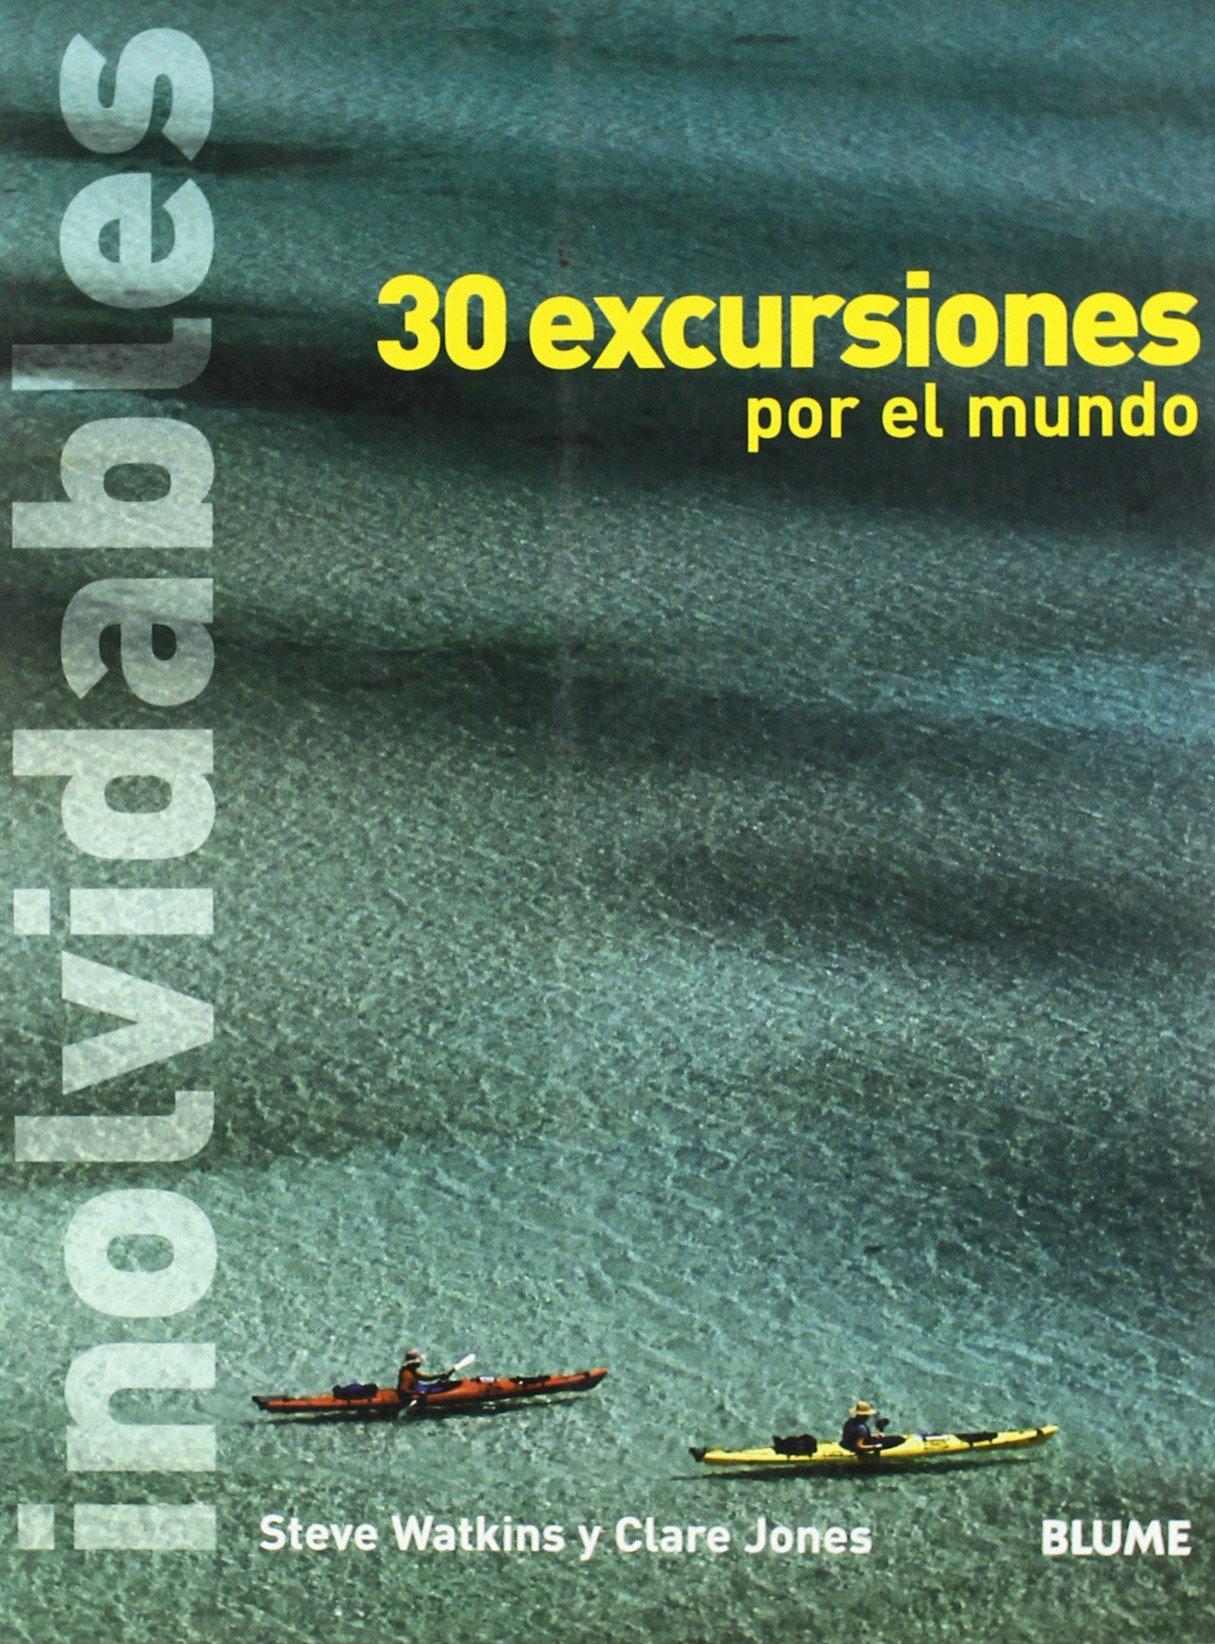 30 Excursiones Inolvidables Por El Mundo (Spanish Edition) PDF